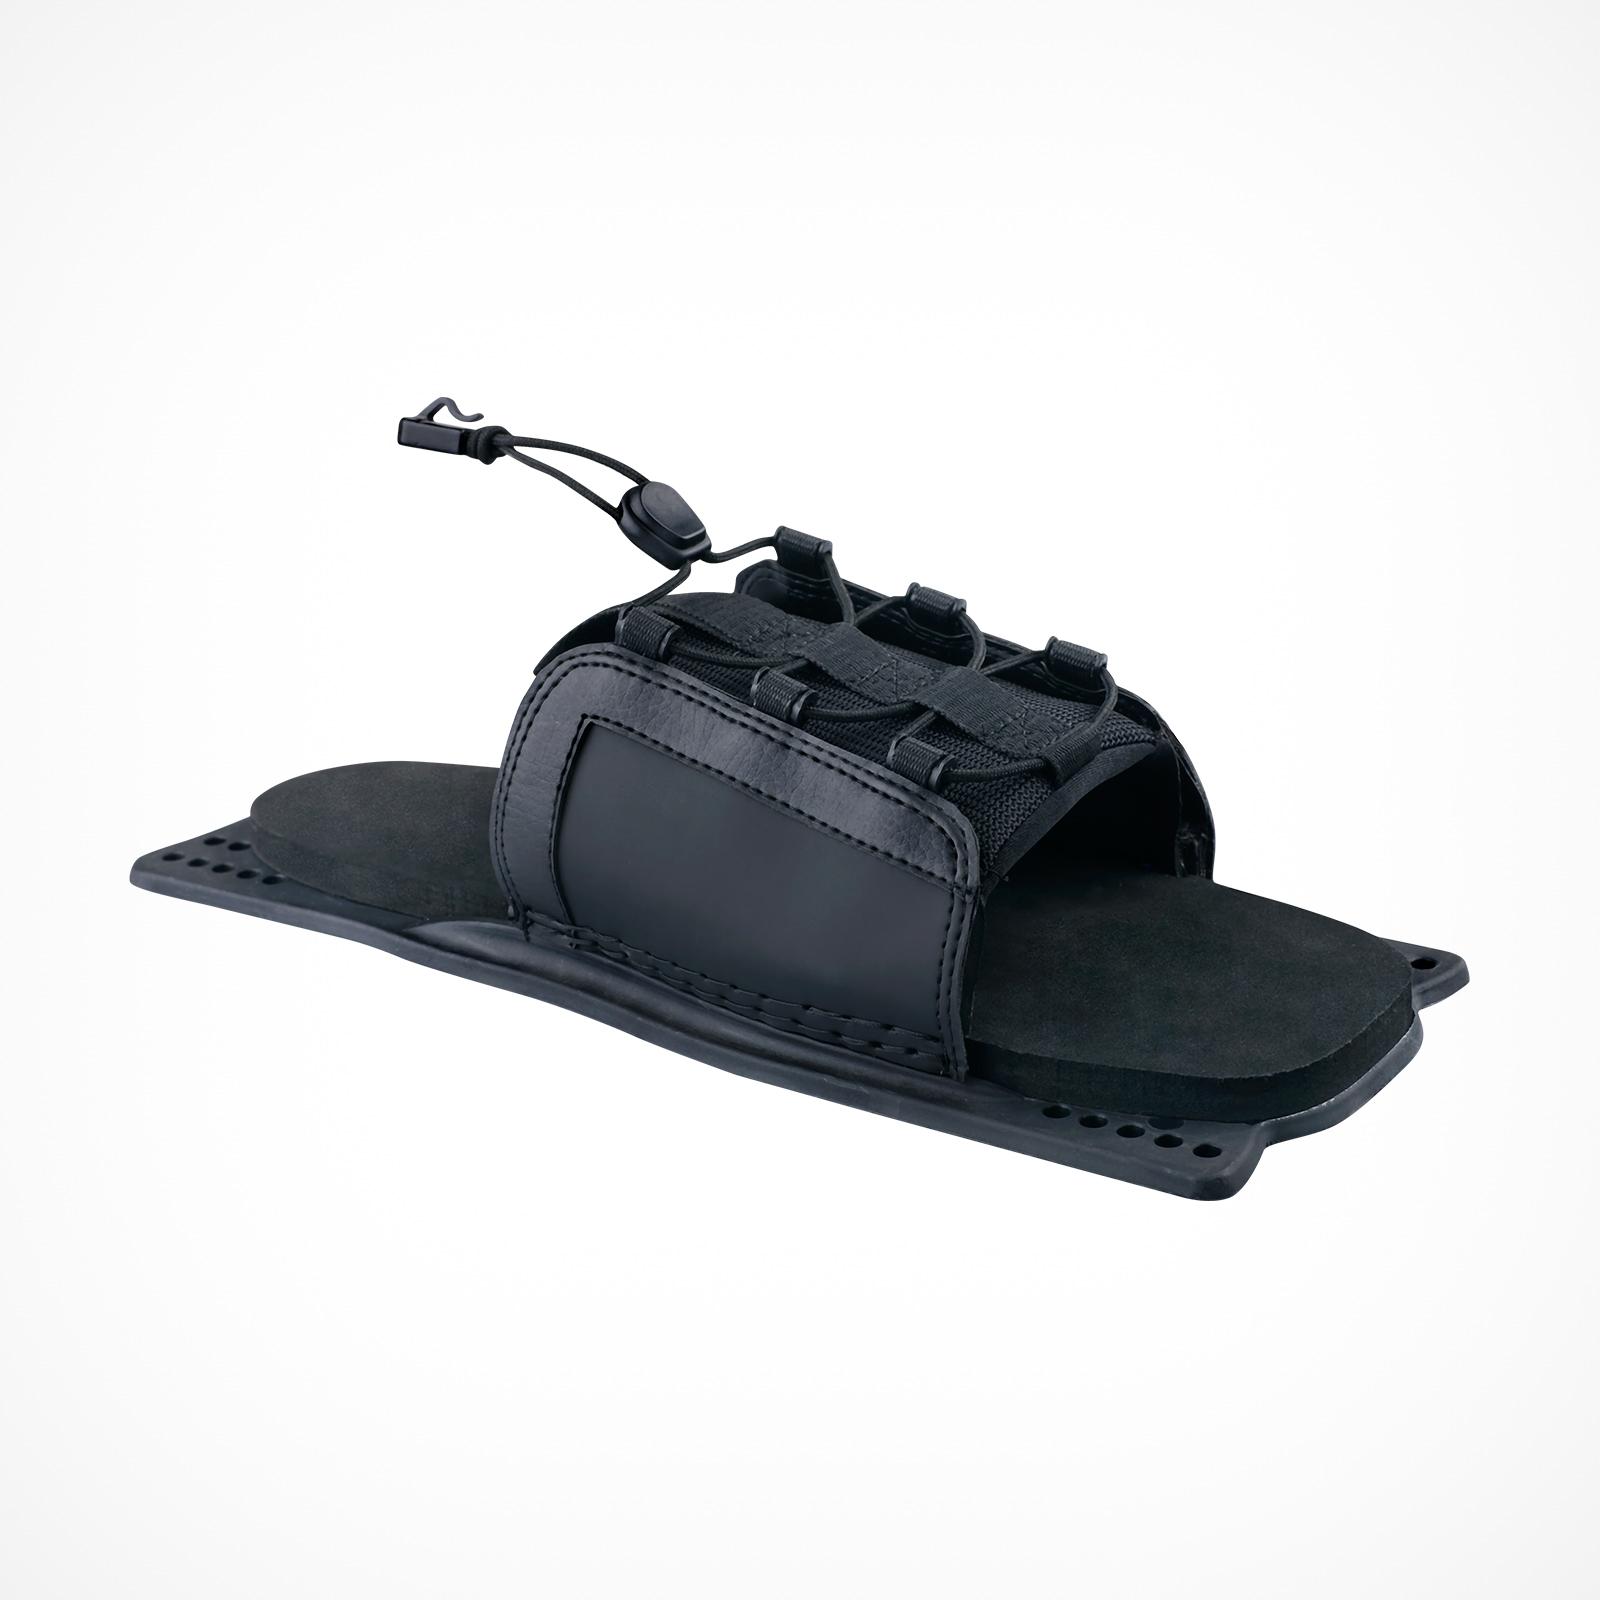 MESLE Water Ski Binding B6 Slalom Rear Toe Plate for Mono ski, black